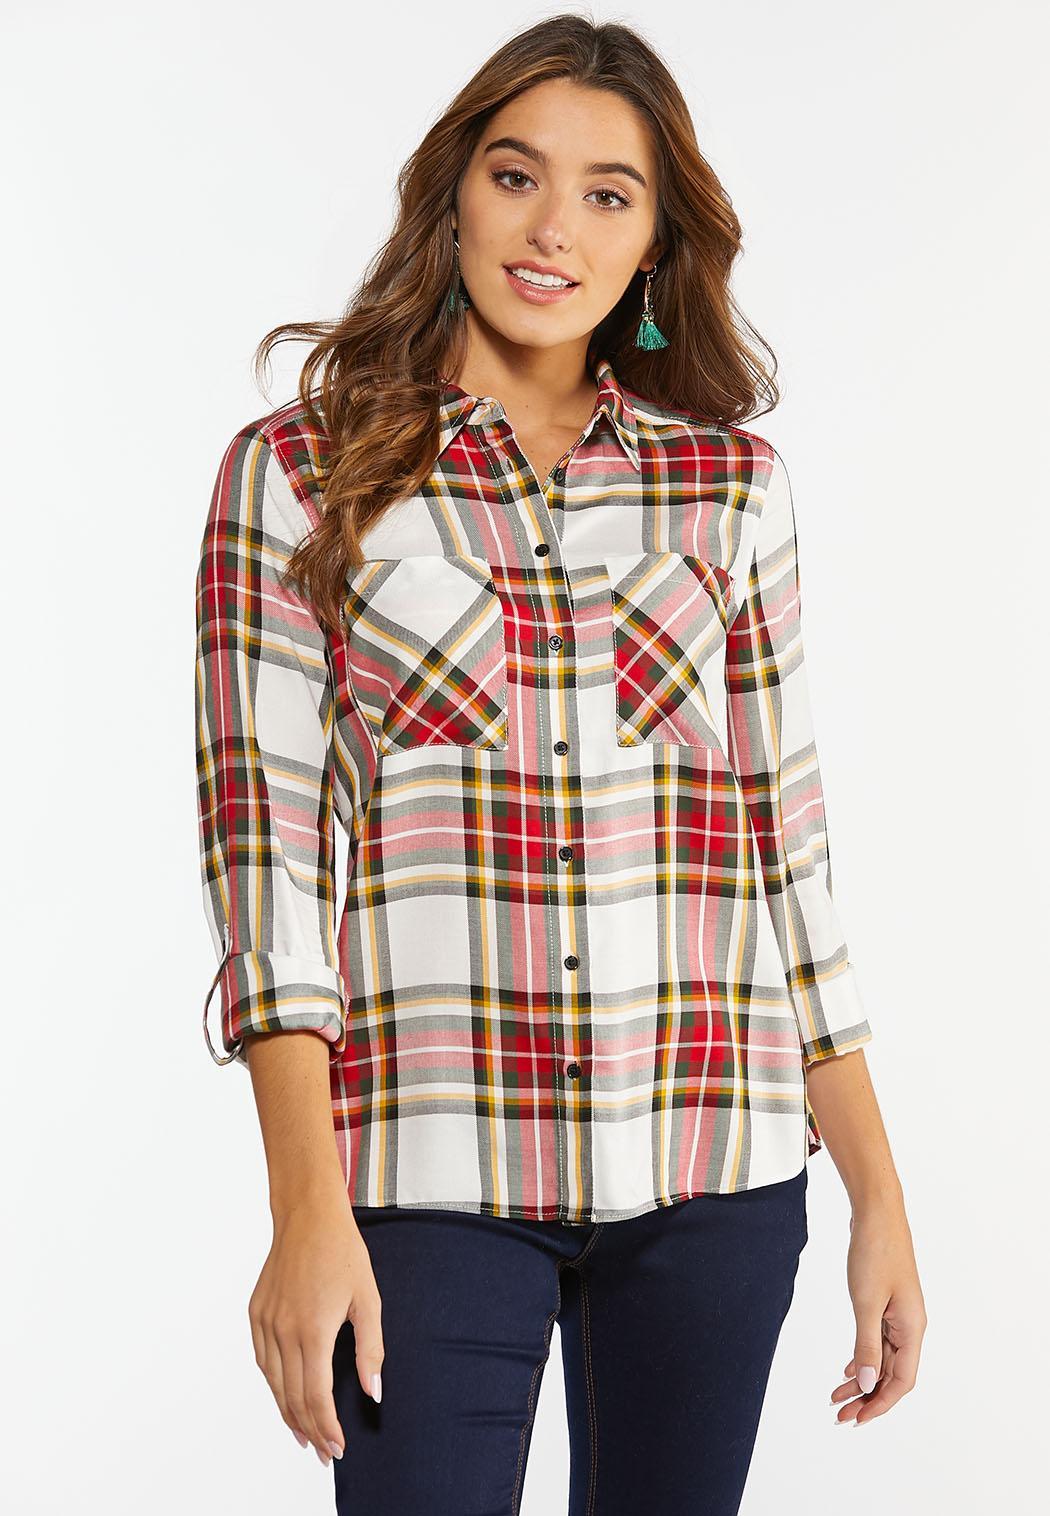 Holiday Plaid Shirt